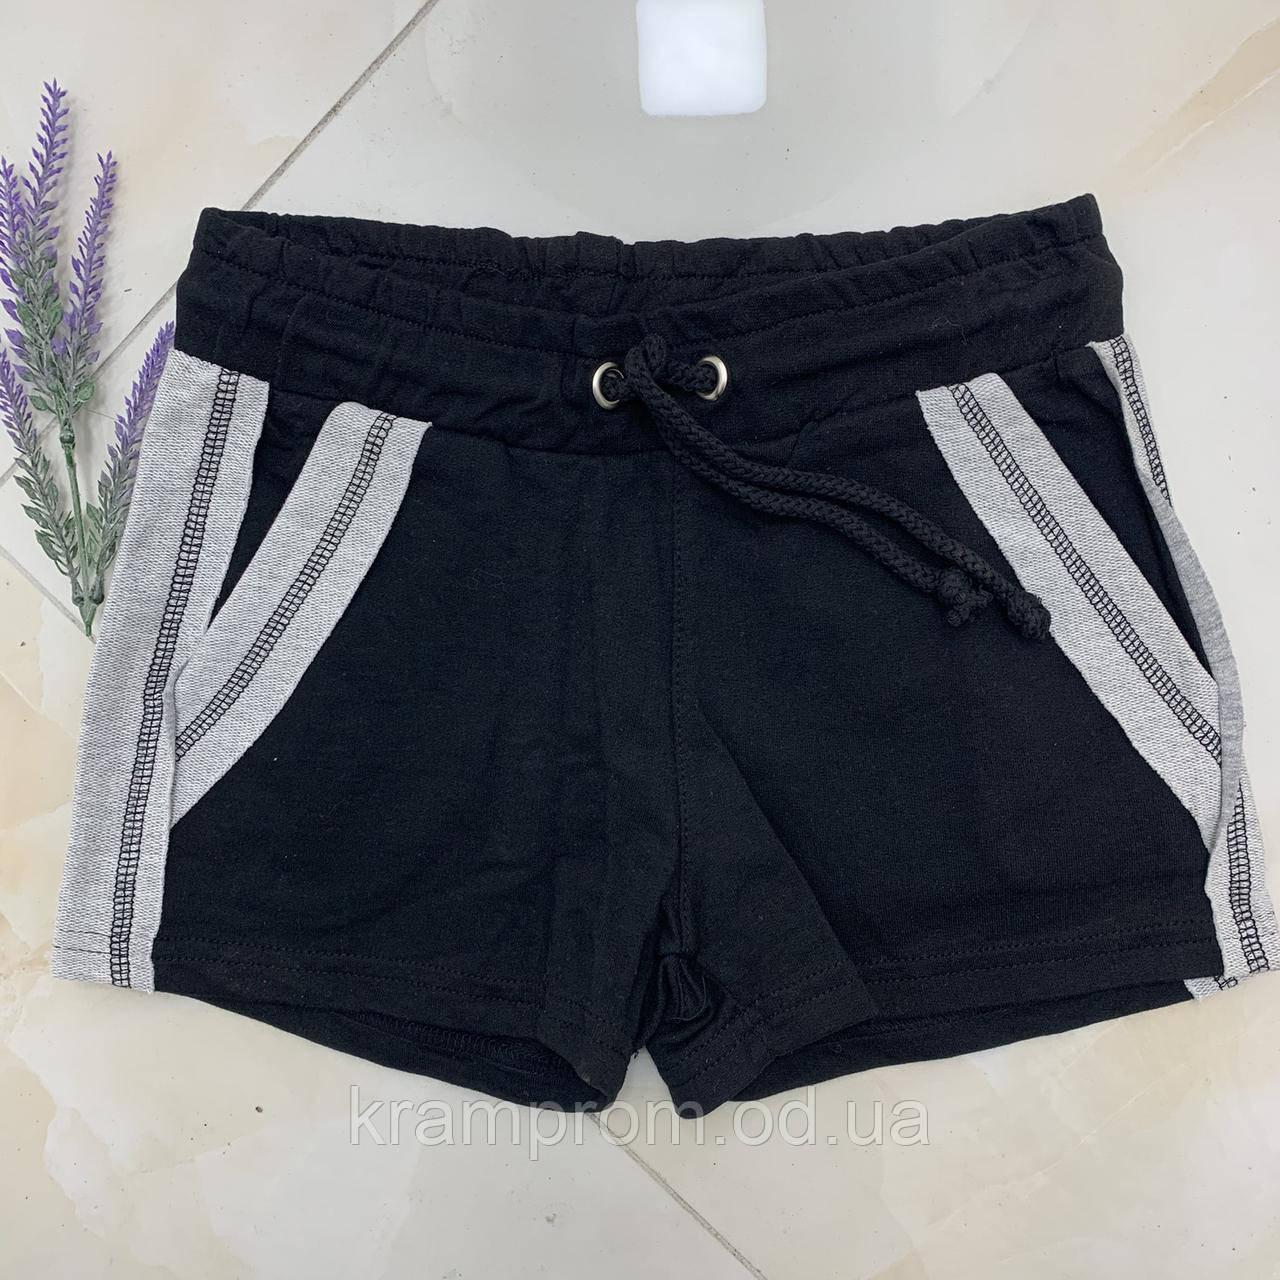 Короткие женские шорты двухнитка котон . Женская одежда.